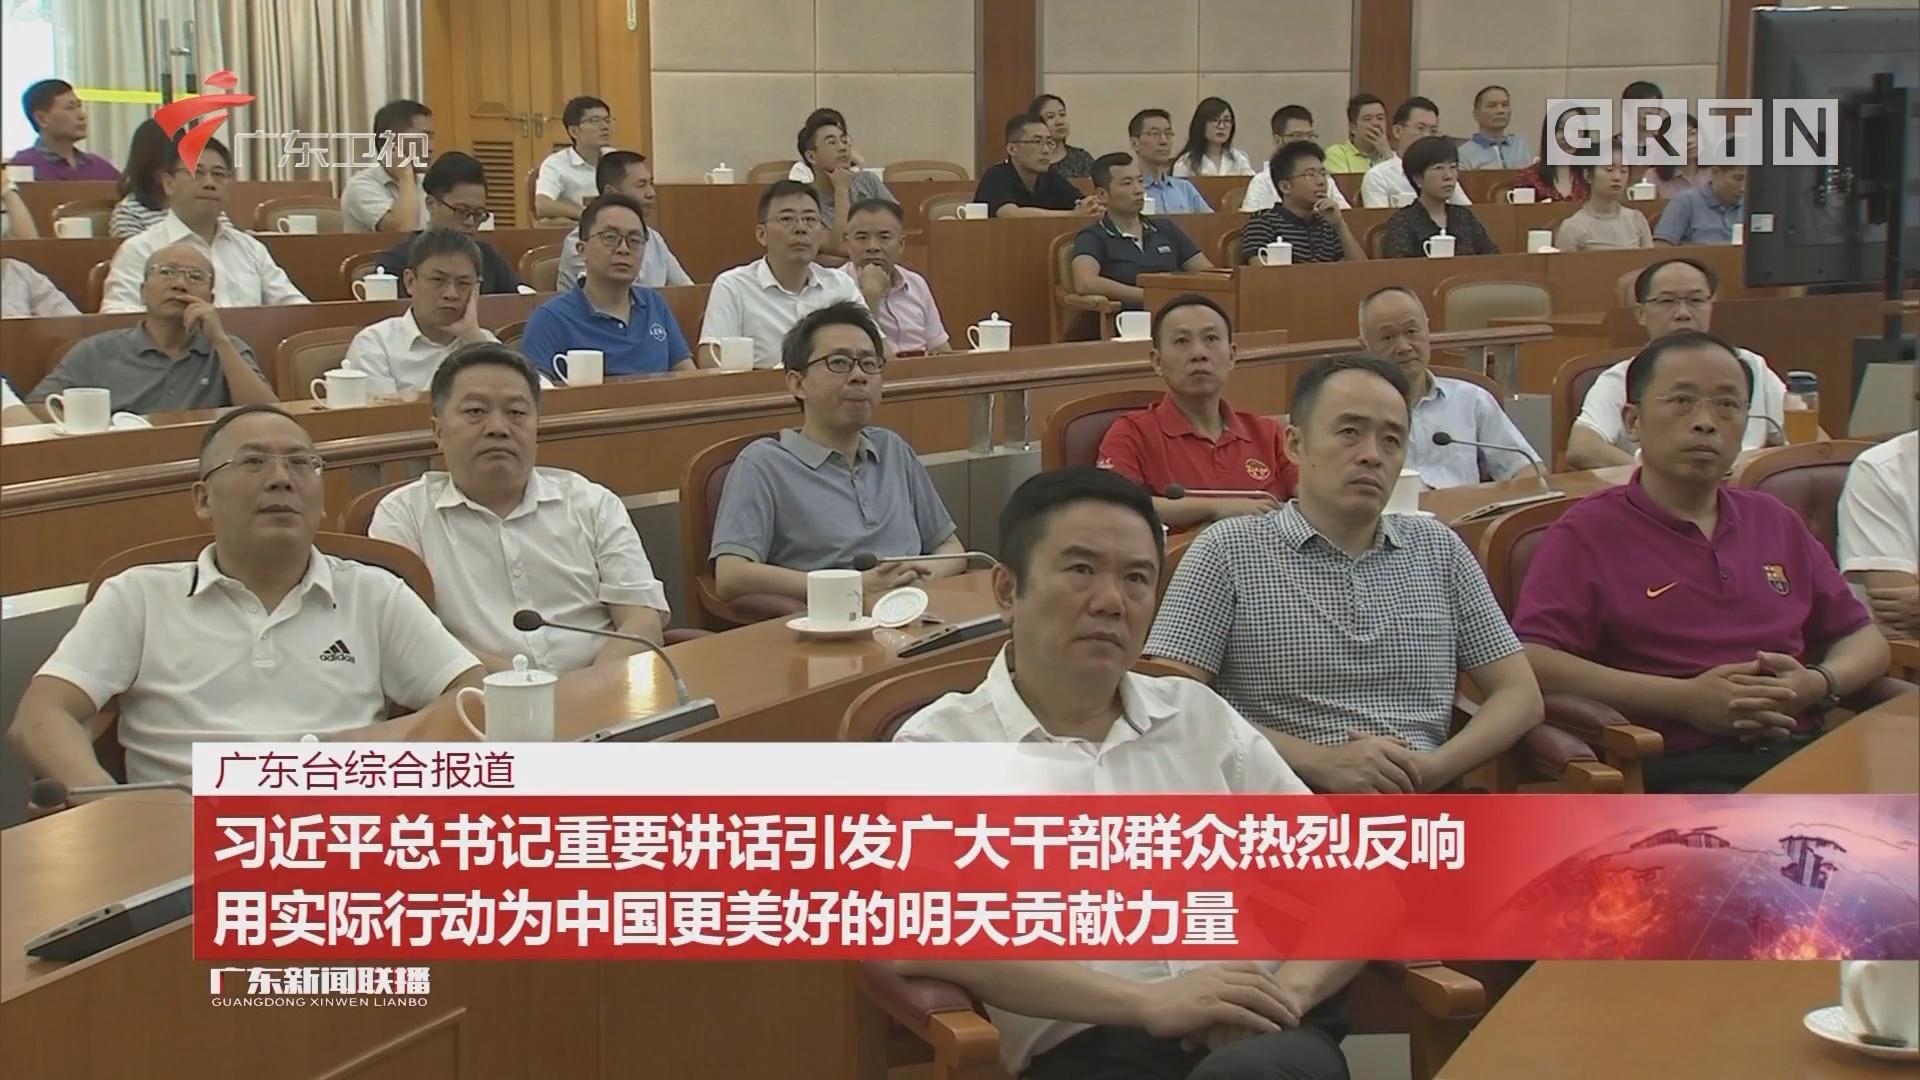 習近平總書記重要講話引發廣大干部群眾熱烈反響 用實際行動為中國更美好的明天貢獻力量